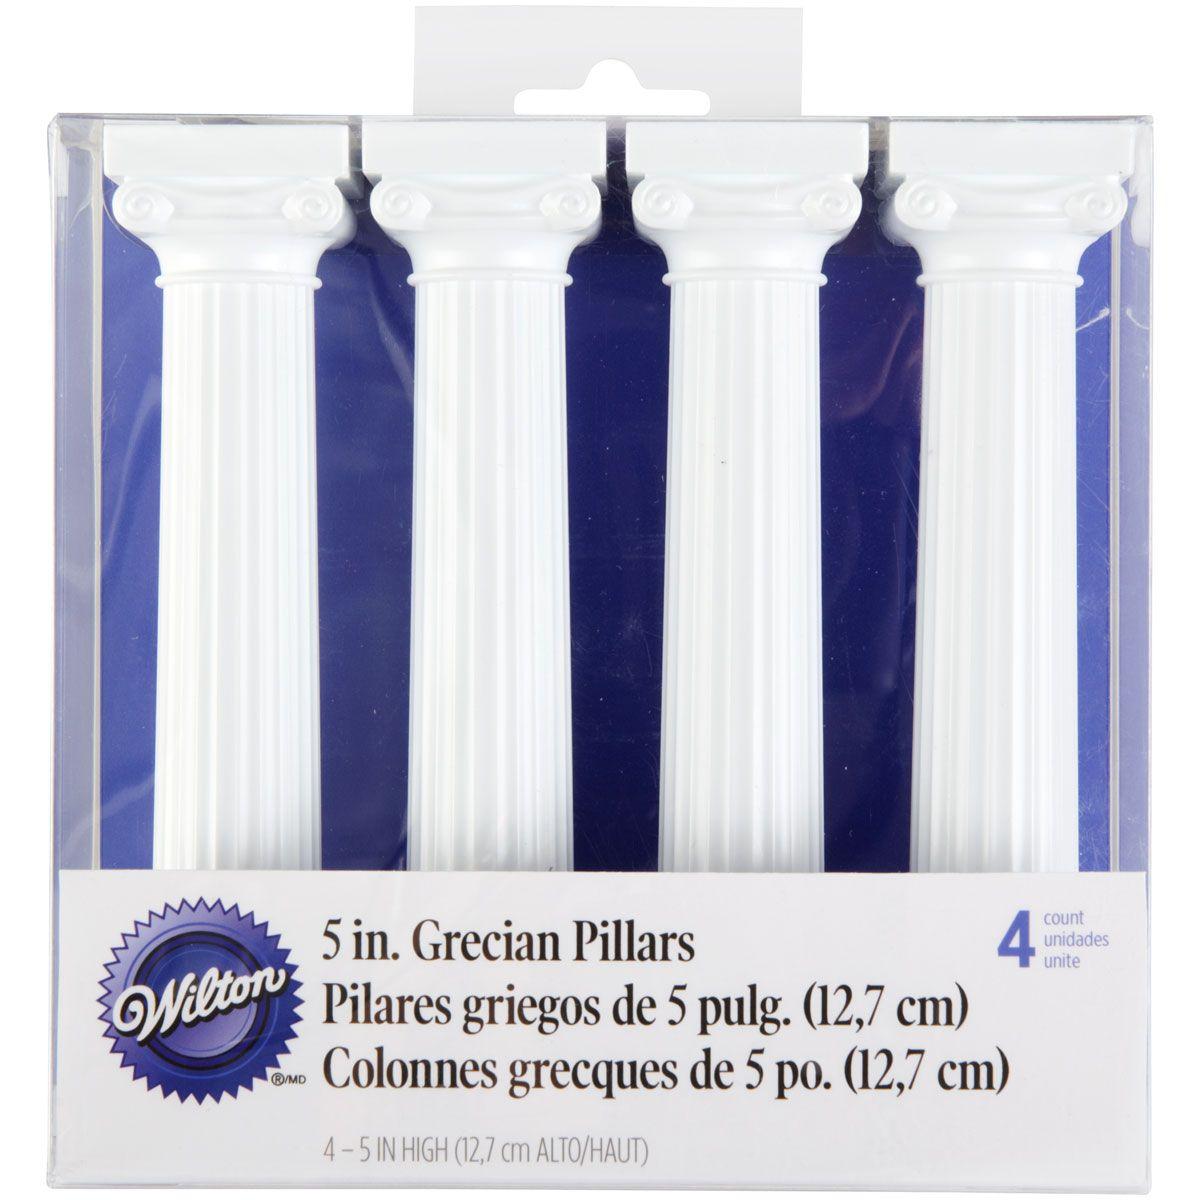 Colonnes grecques 12.5 cm - Lot de 4